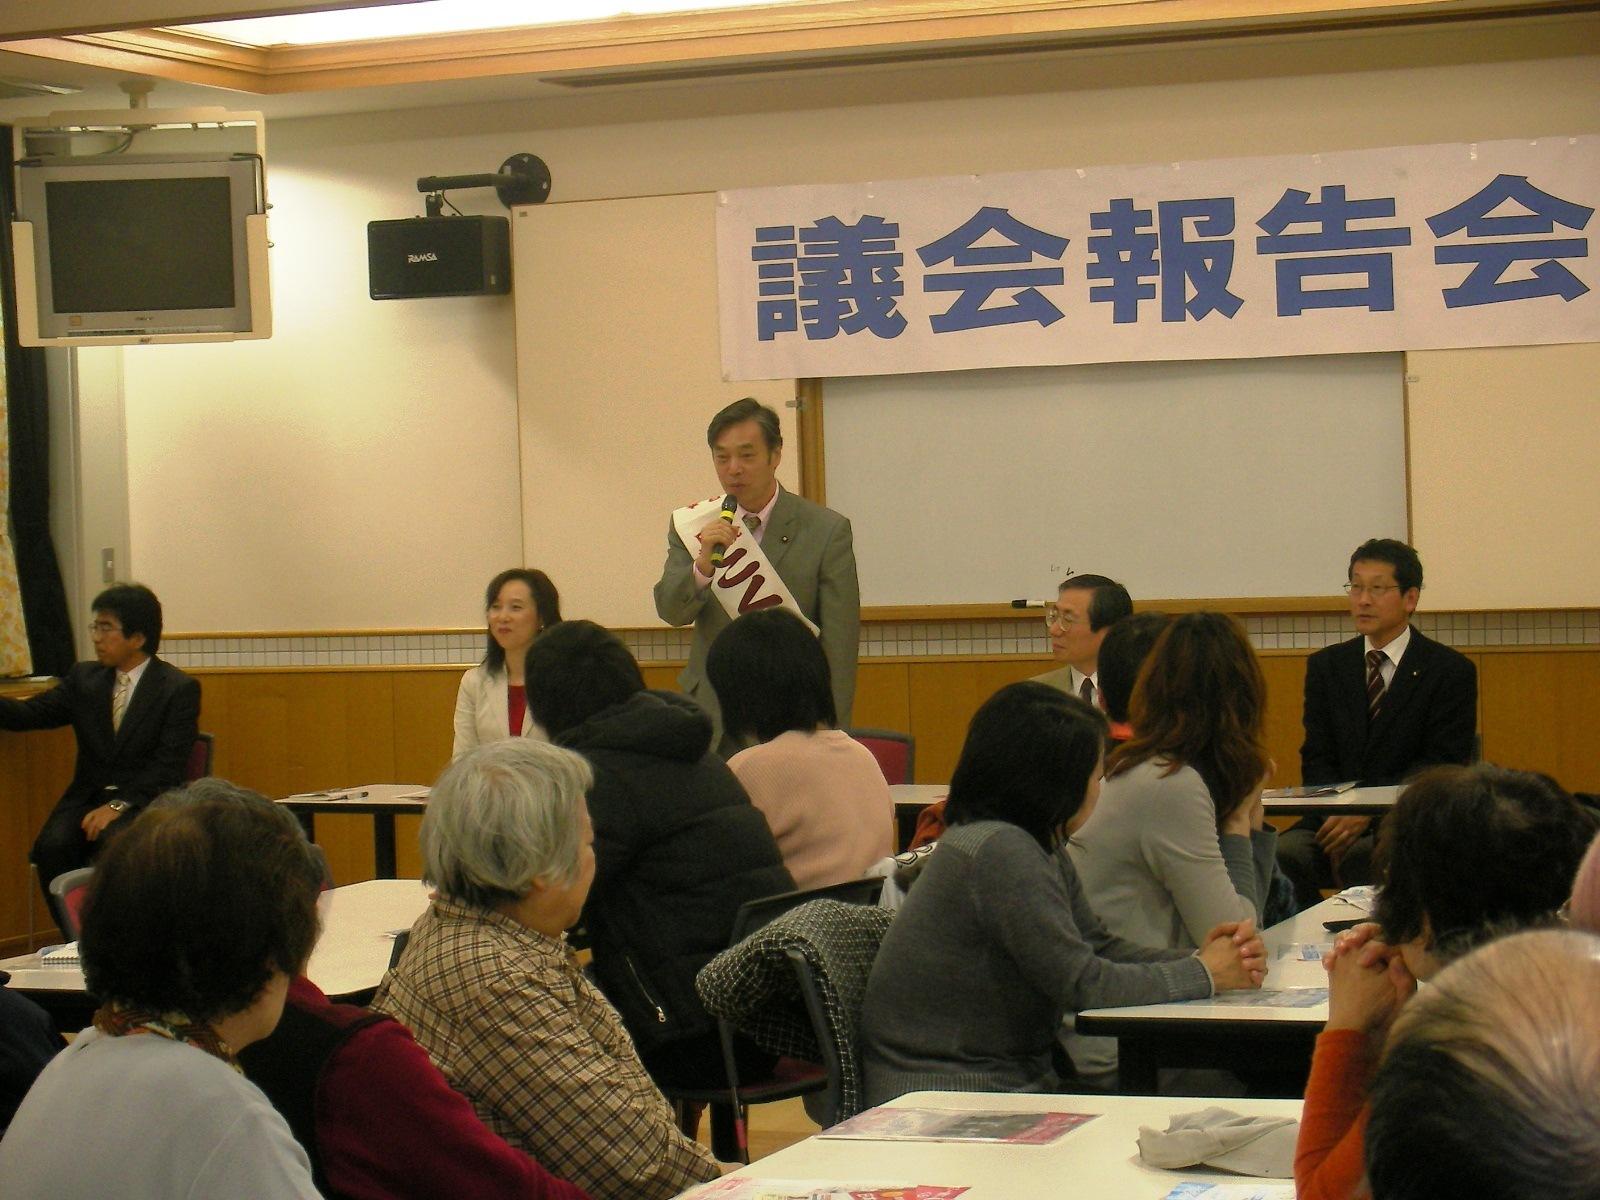 上京区乾隆学区で報告会